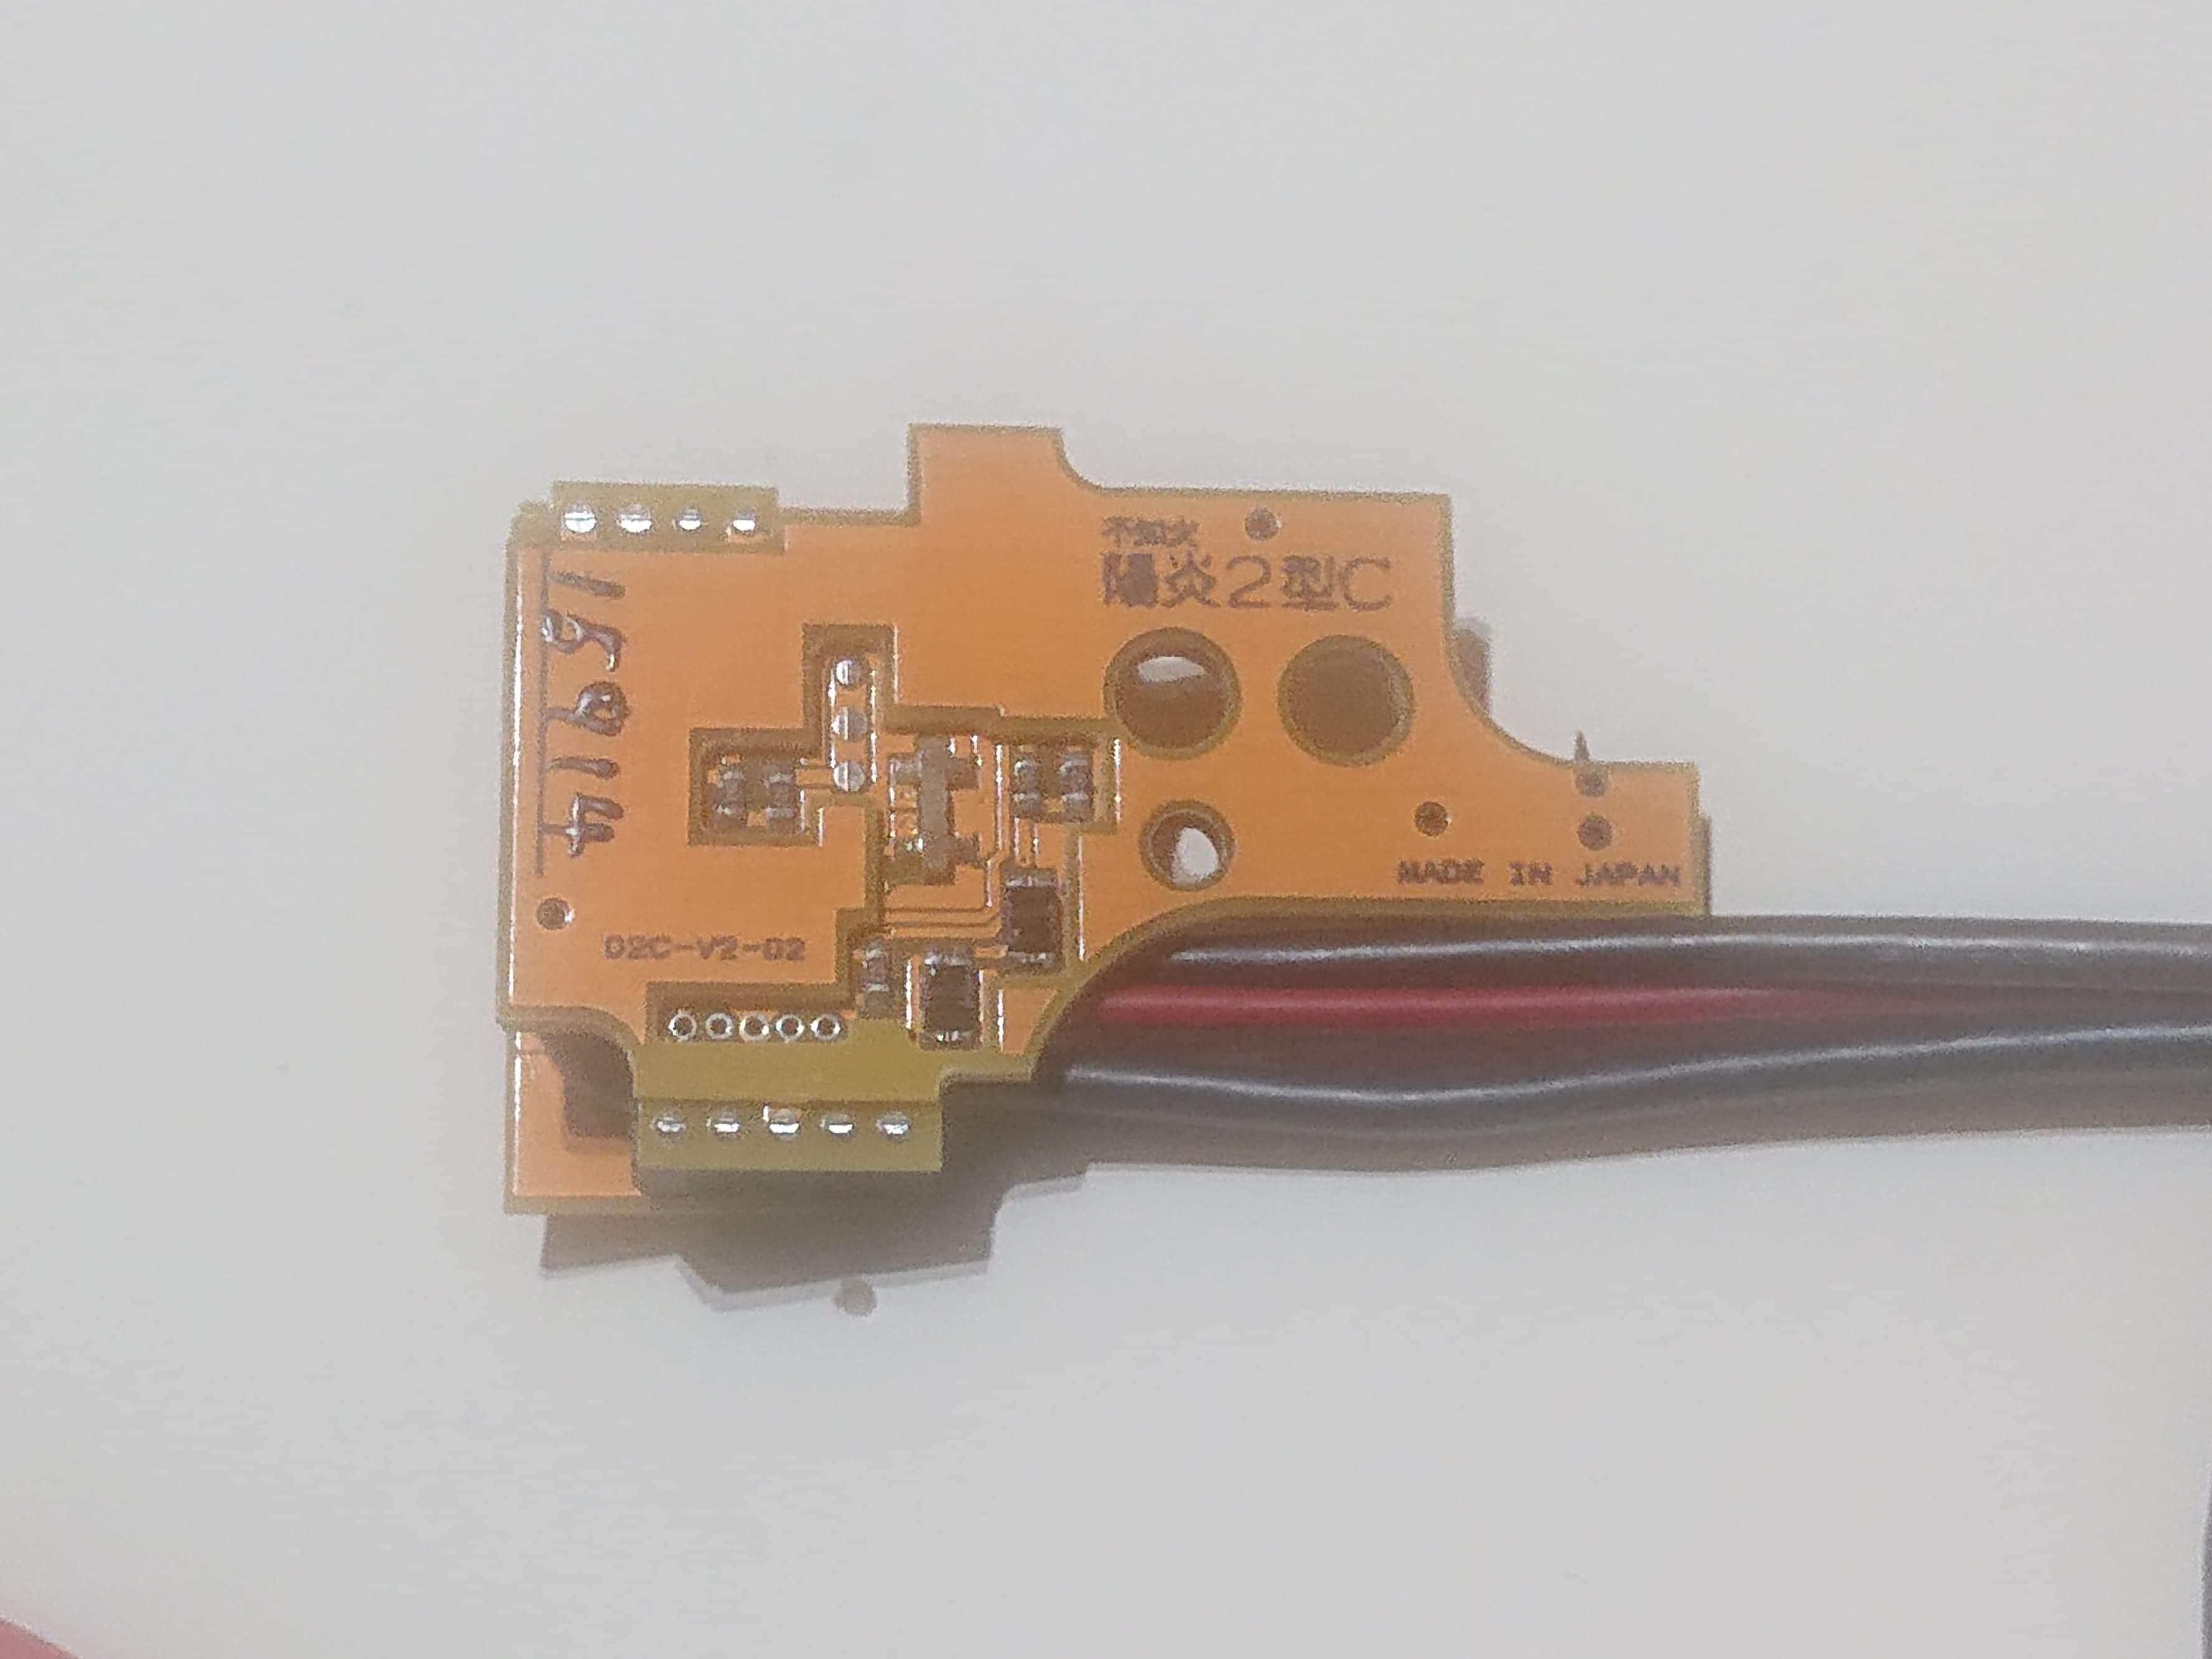 陽炎2型C+ M4系 Ver.2メカボックス後方配線用 電動ガン用電子トリガーハイパフォーマンスモデル